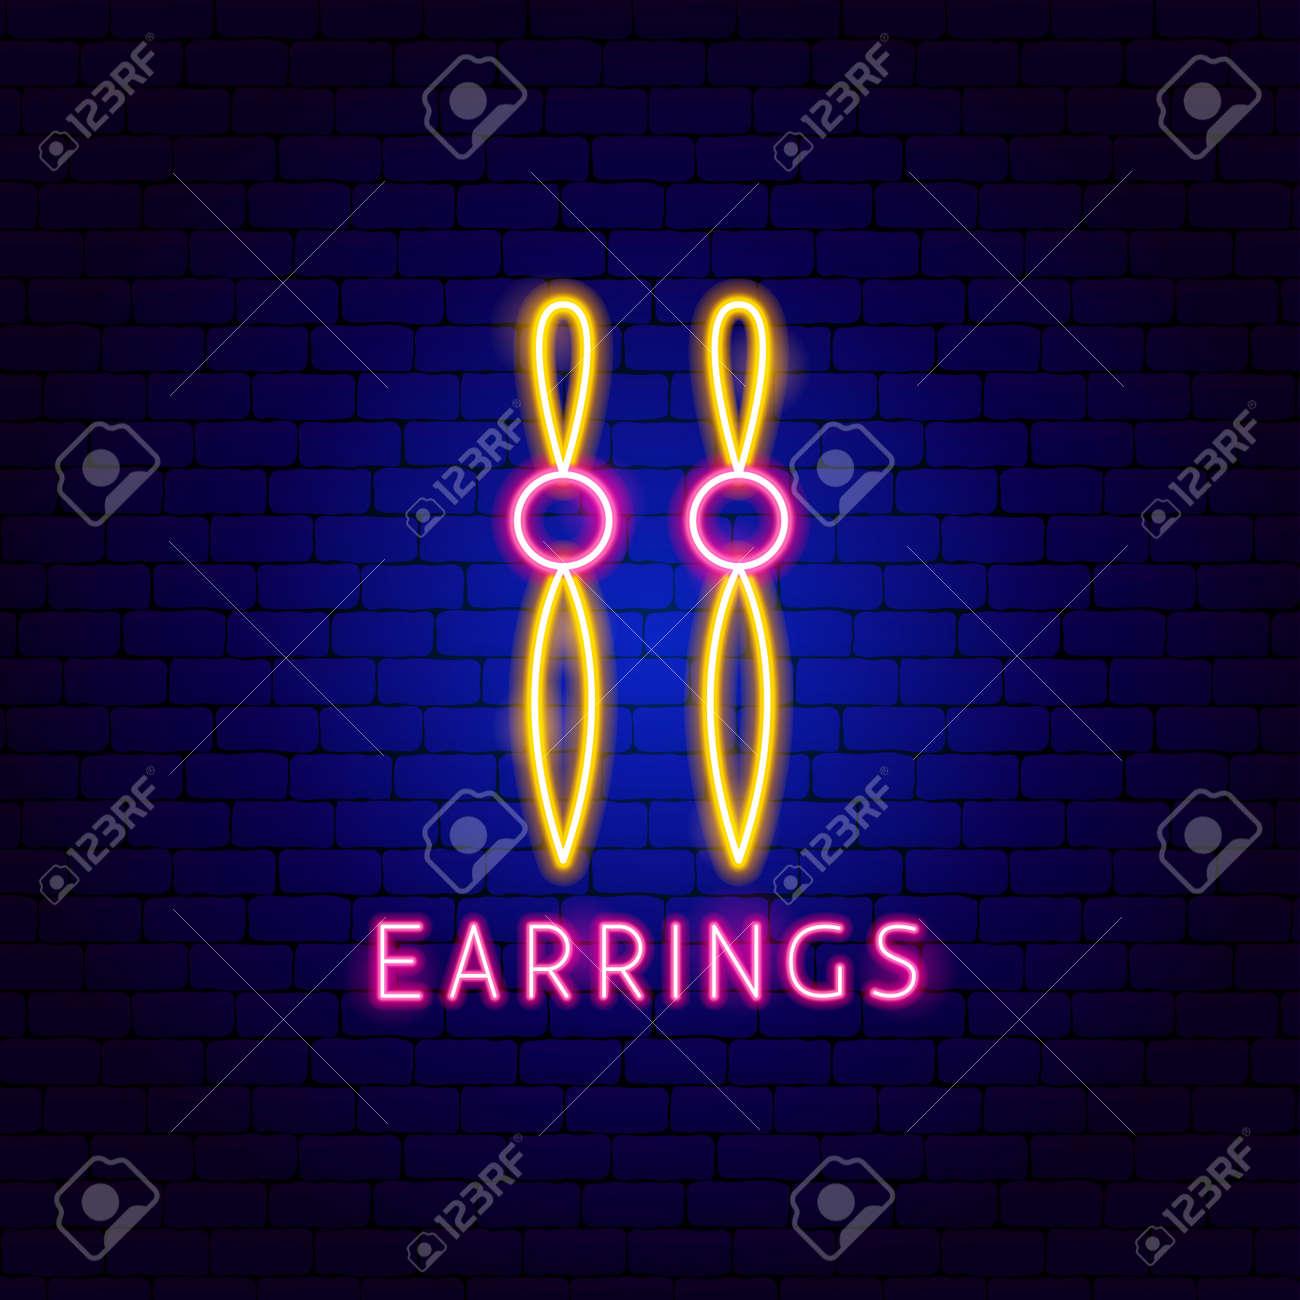 Earrings Neon Label - 168963115